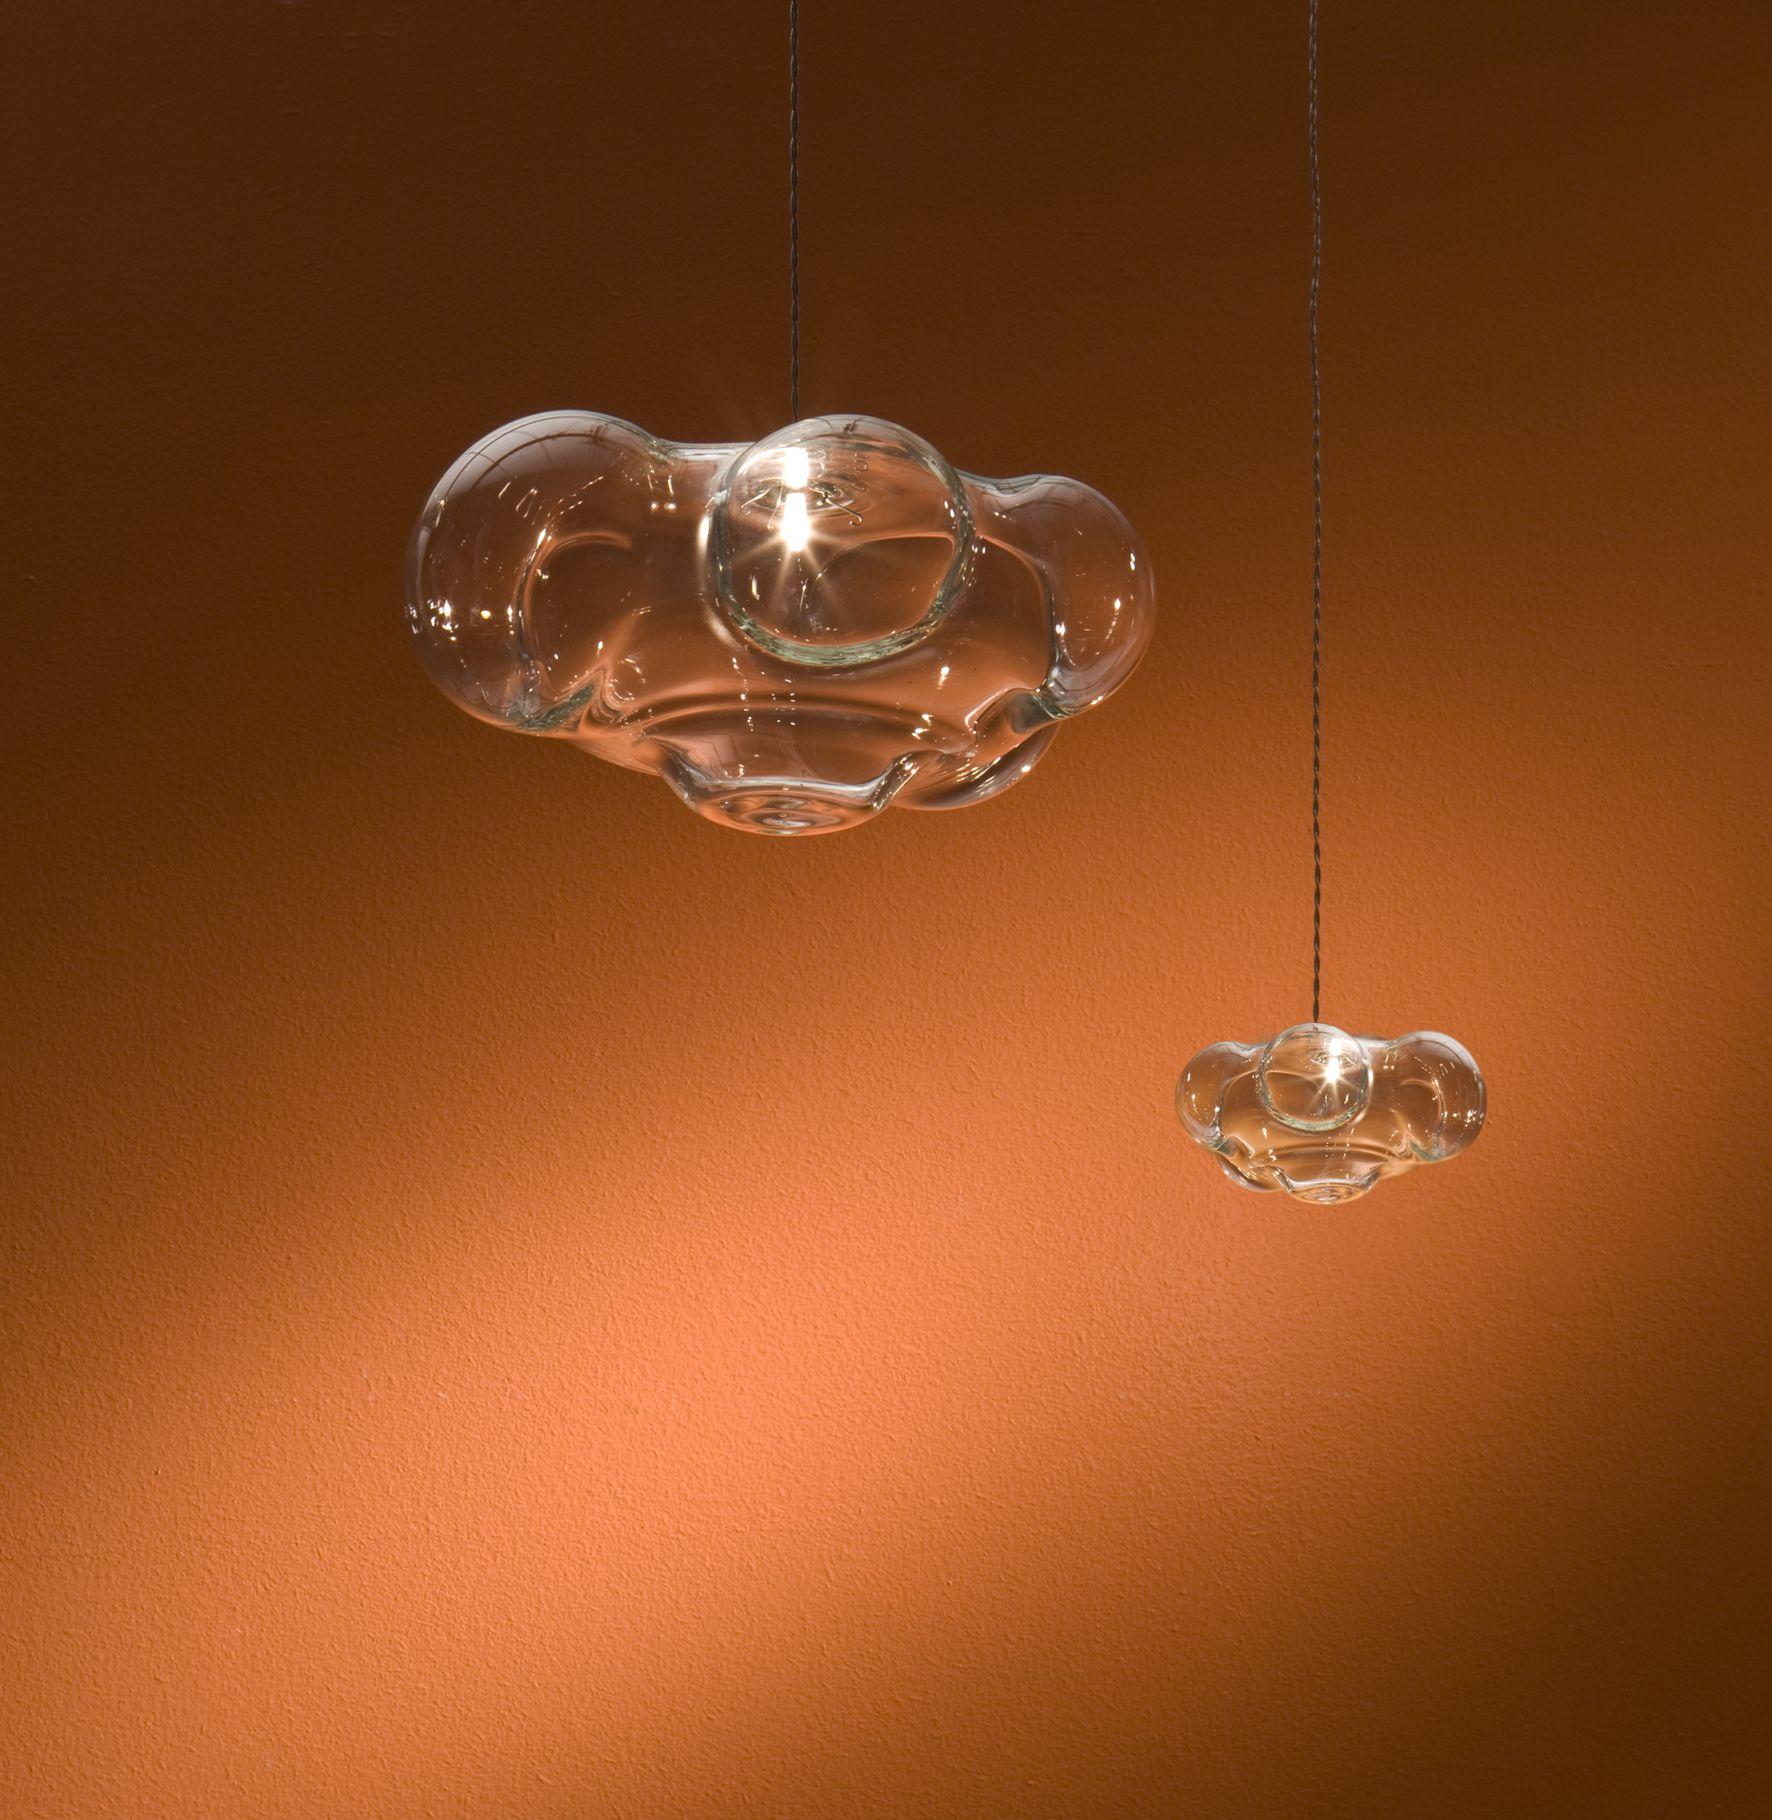 cloud lighting fixtures. Nuvola - Cloud Suspended Lighting Fixture. Design Pepe Tanzi. Blown Glass. Made In Fixtures